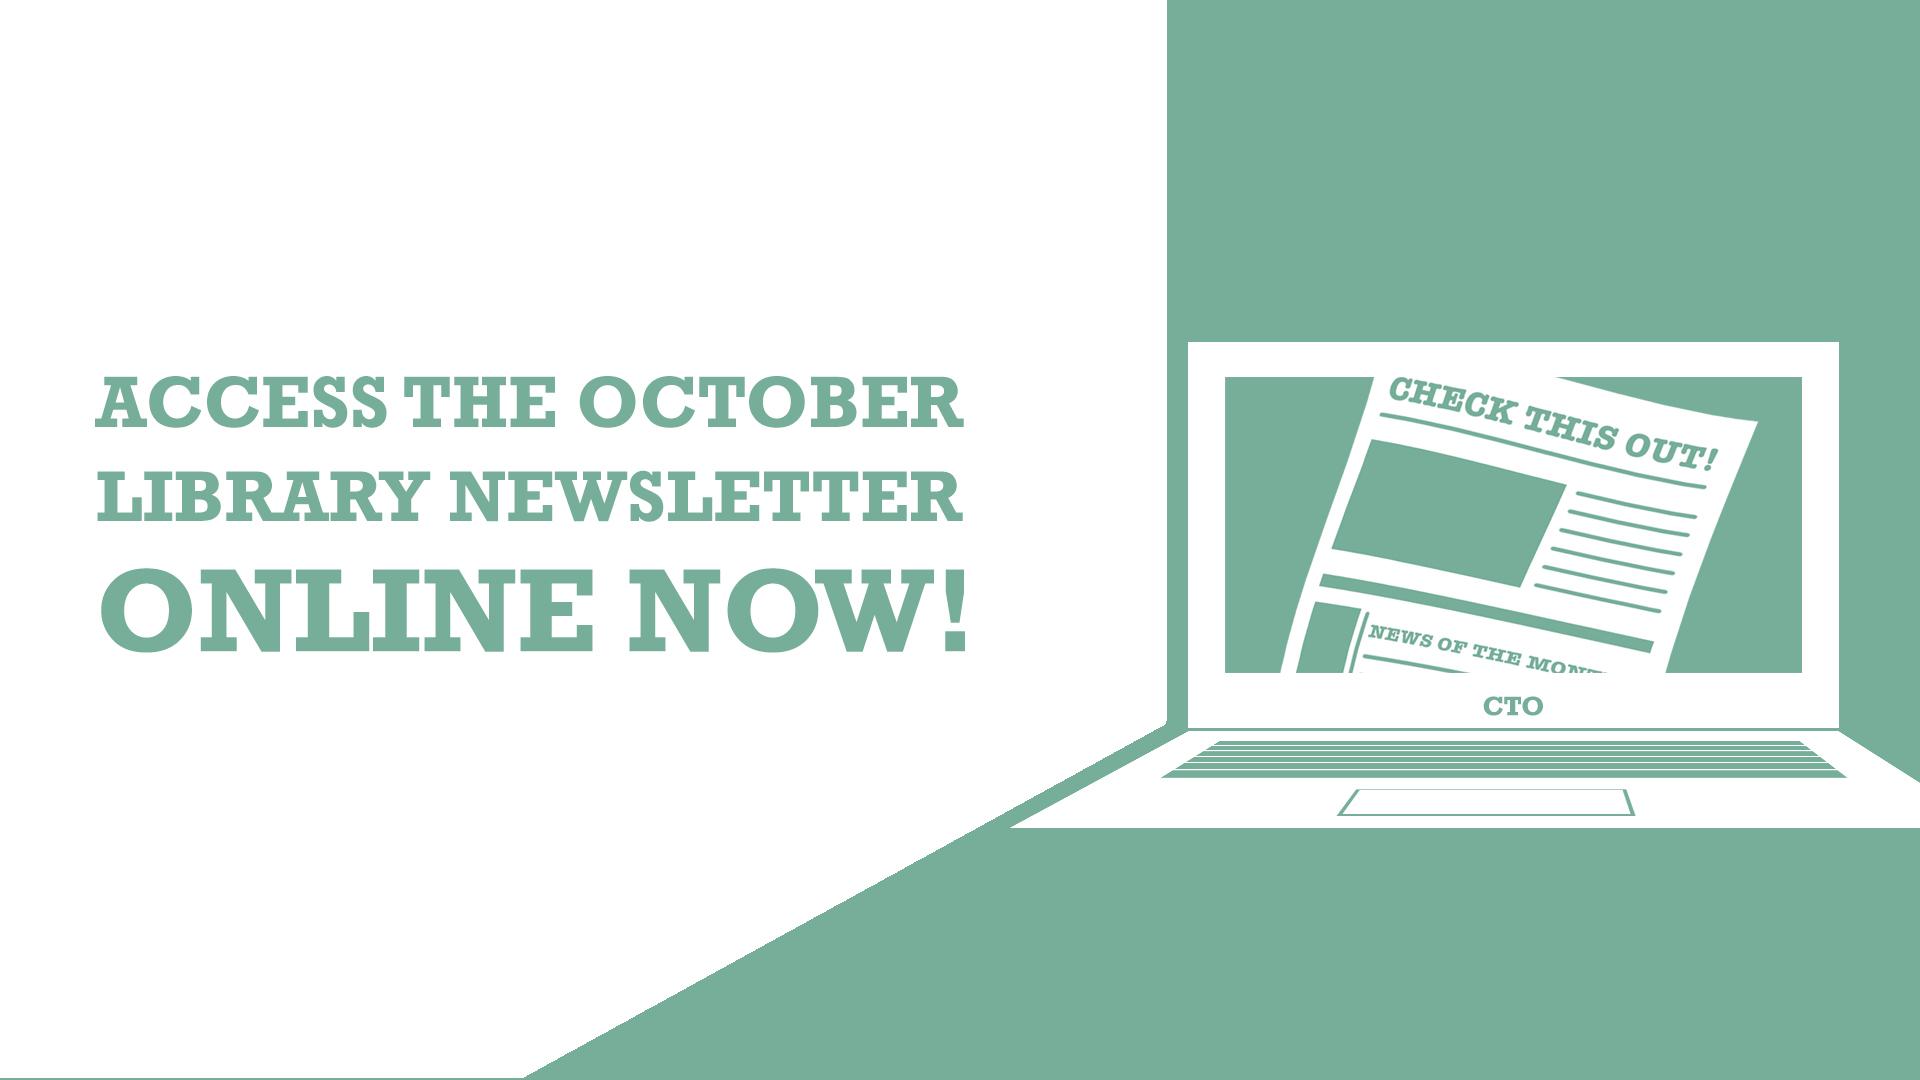 Slide for the October Library Newsletter